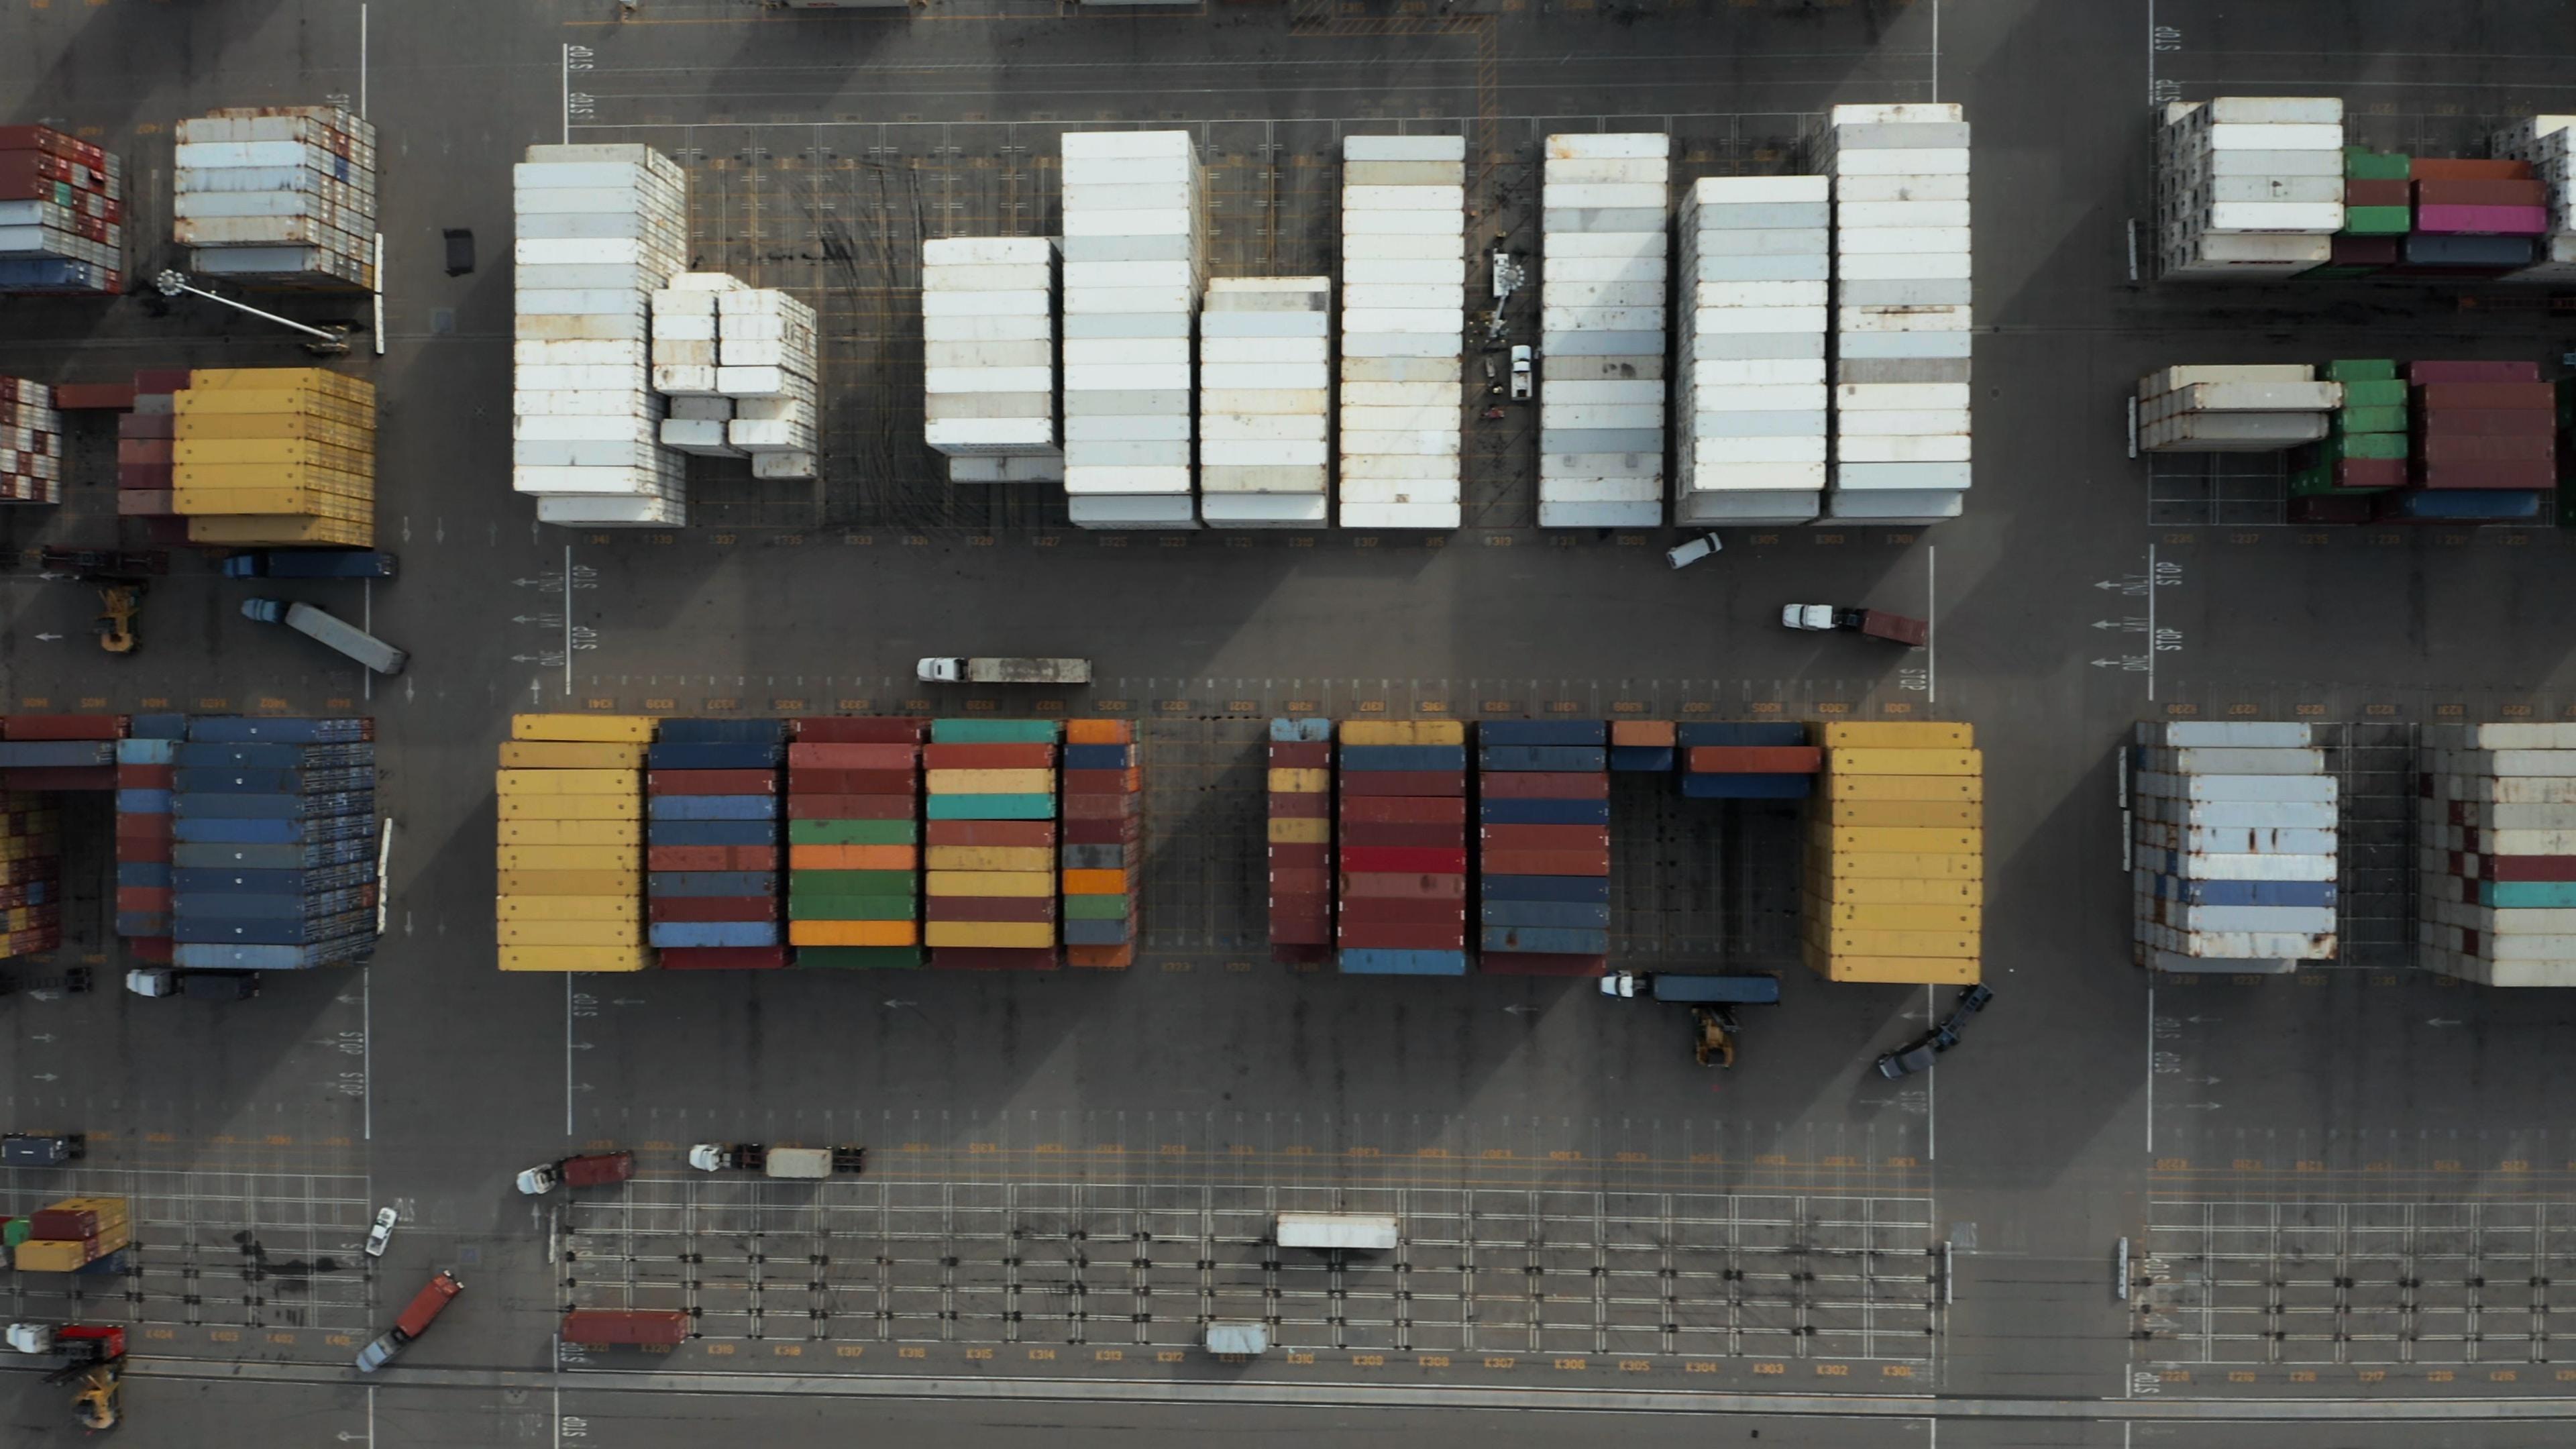 Vue aérienne de plusieurs containers